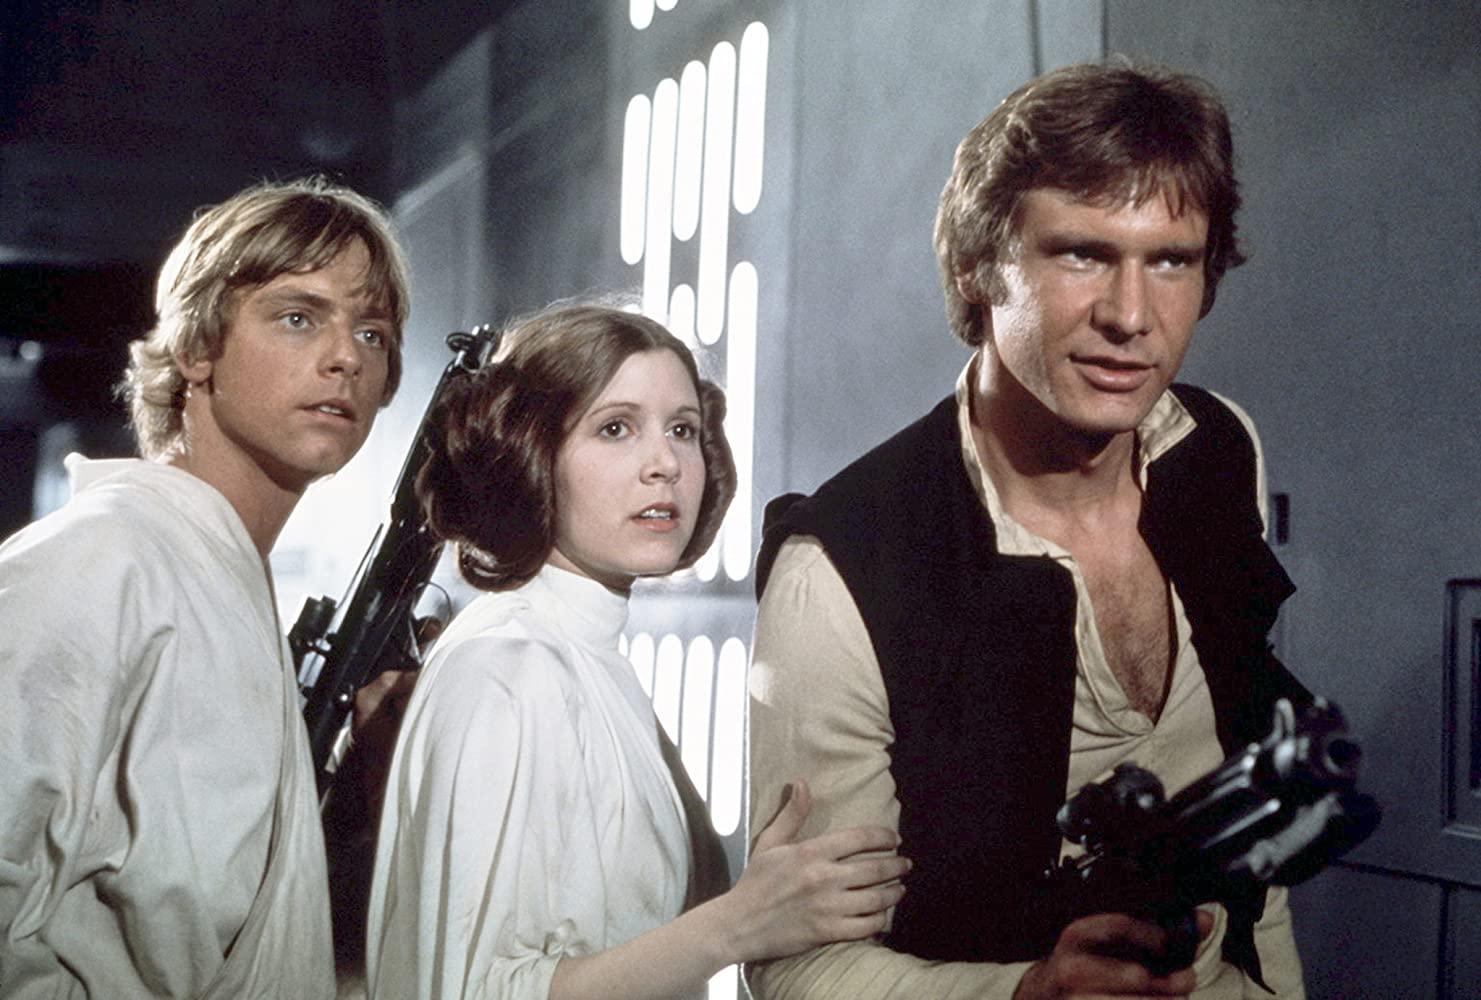 Luke, Princesa Leia e Han Solo no primeiro filme da saga Star Wars (Disney/Reprodução)